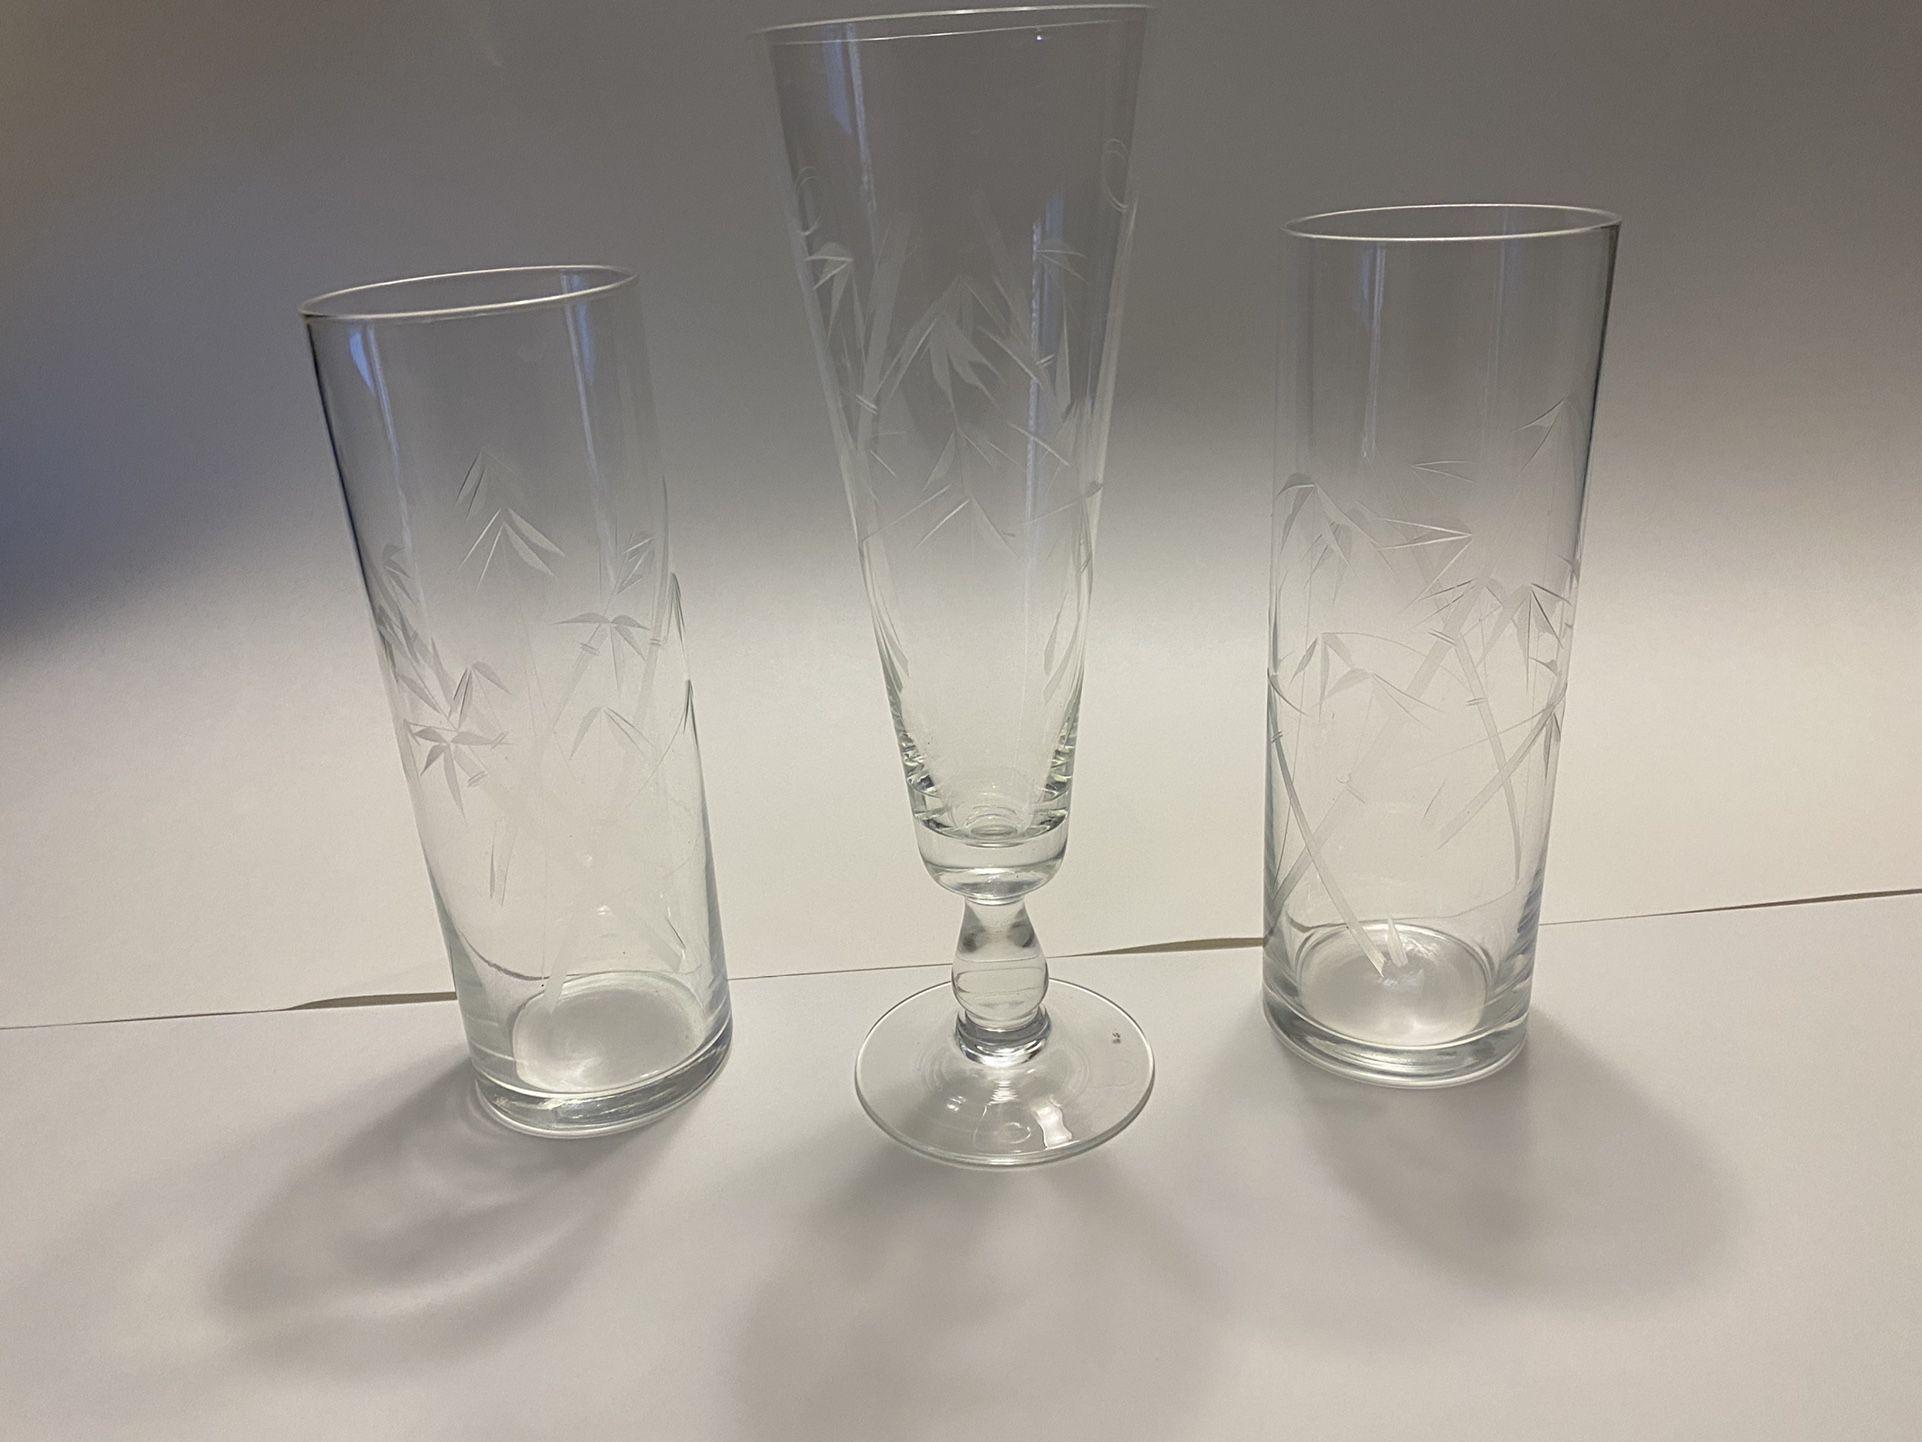 Noritake Crystal (3PCS) Collection